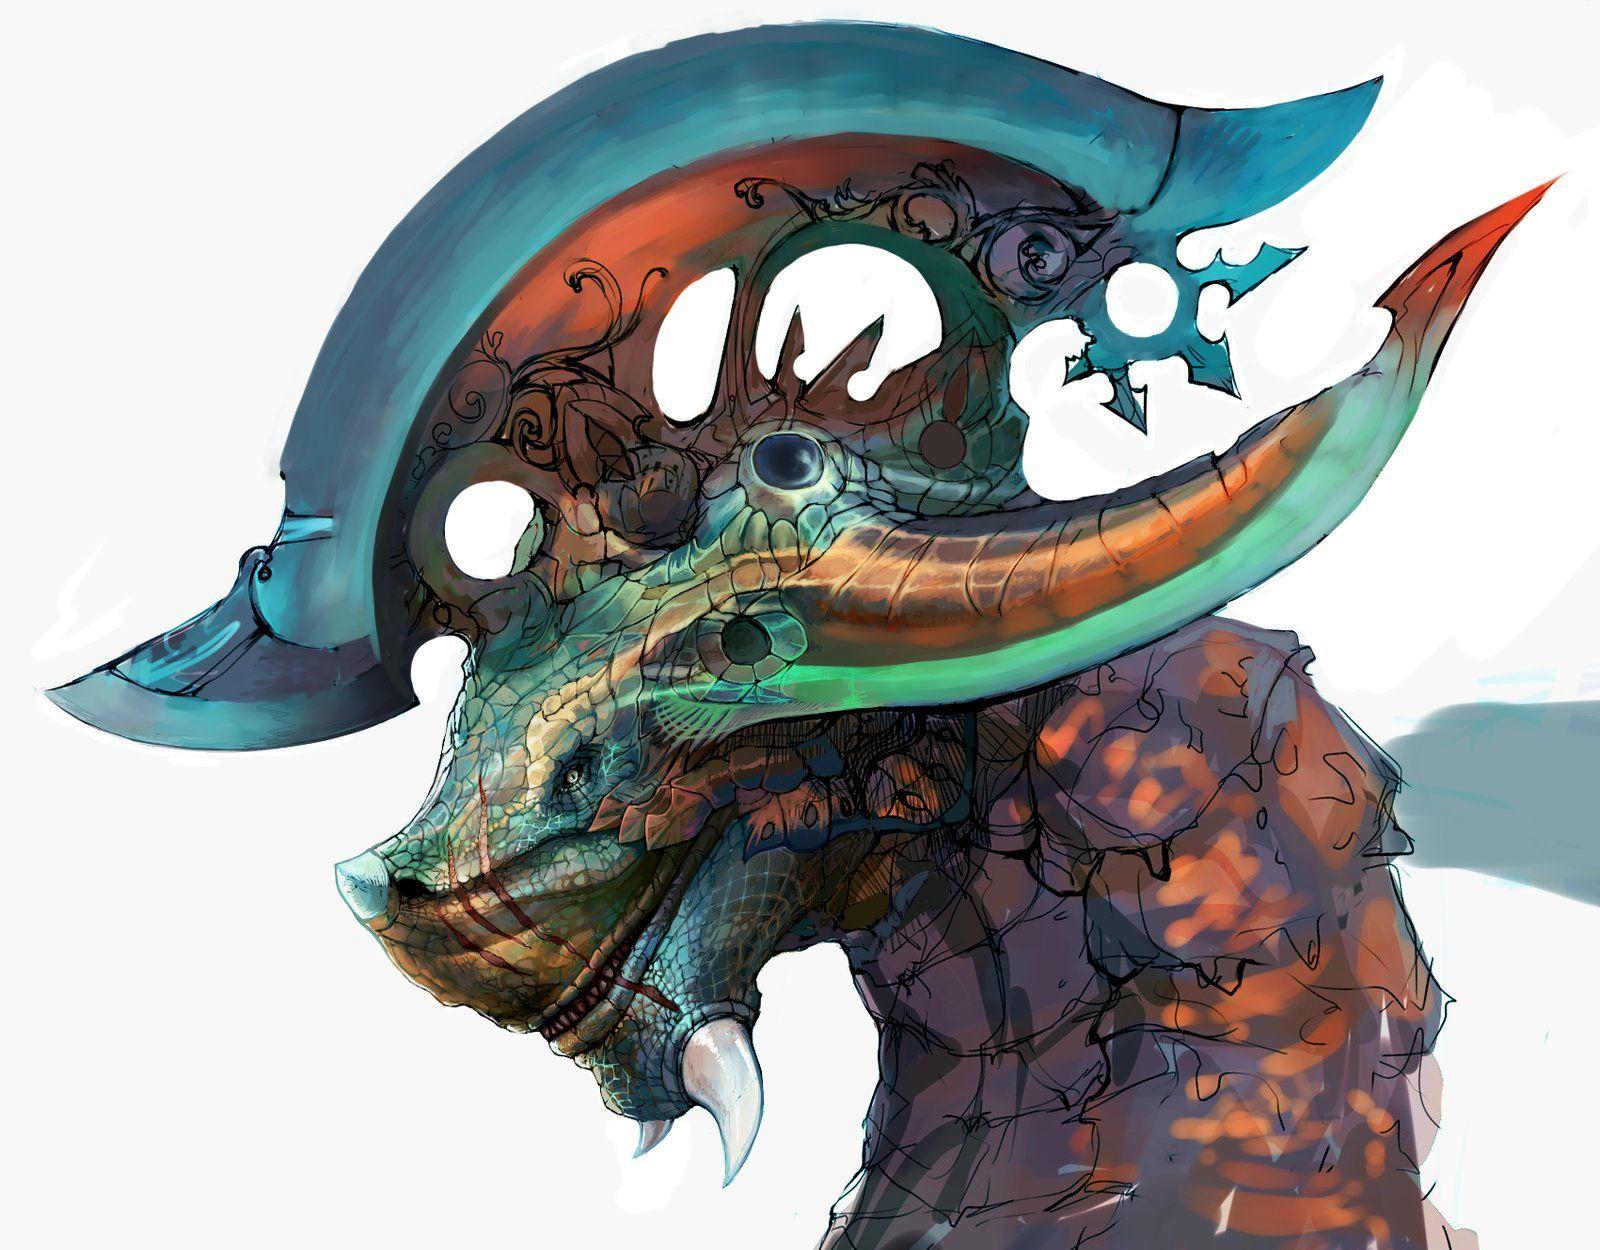 Barding Dragon, Rummy R on ArtStation at https://www.artstation.com/artwork/barding-dragon